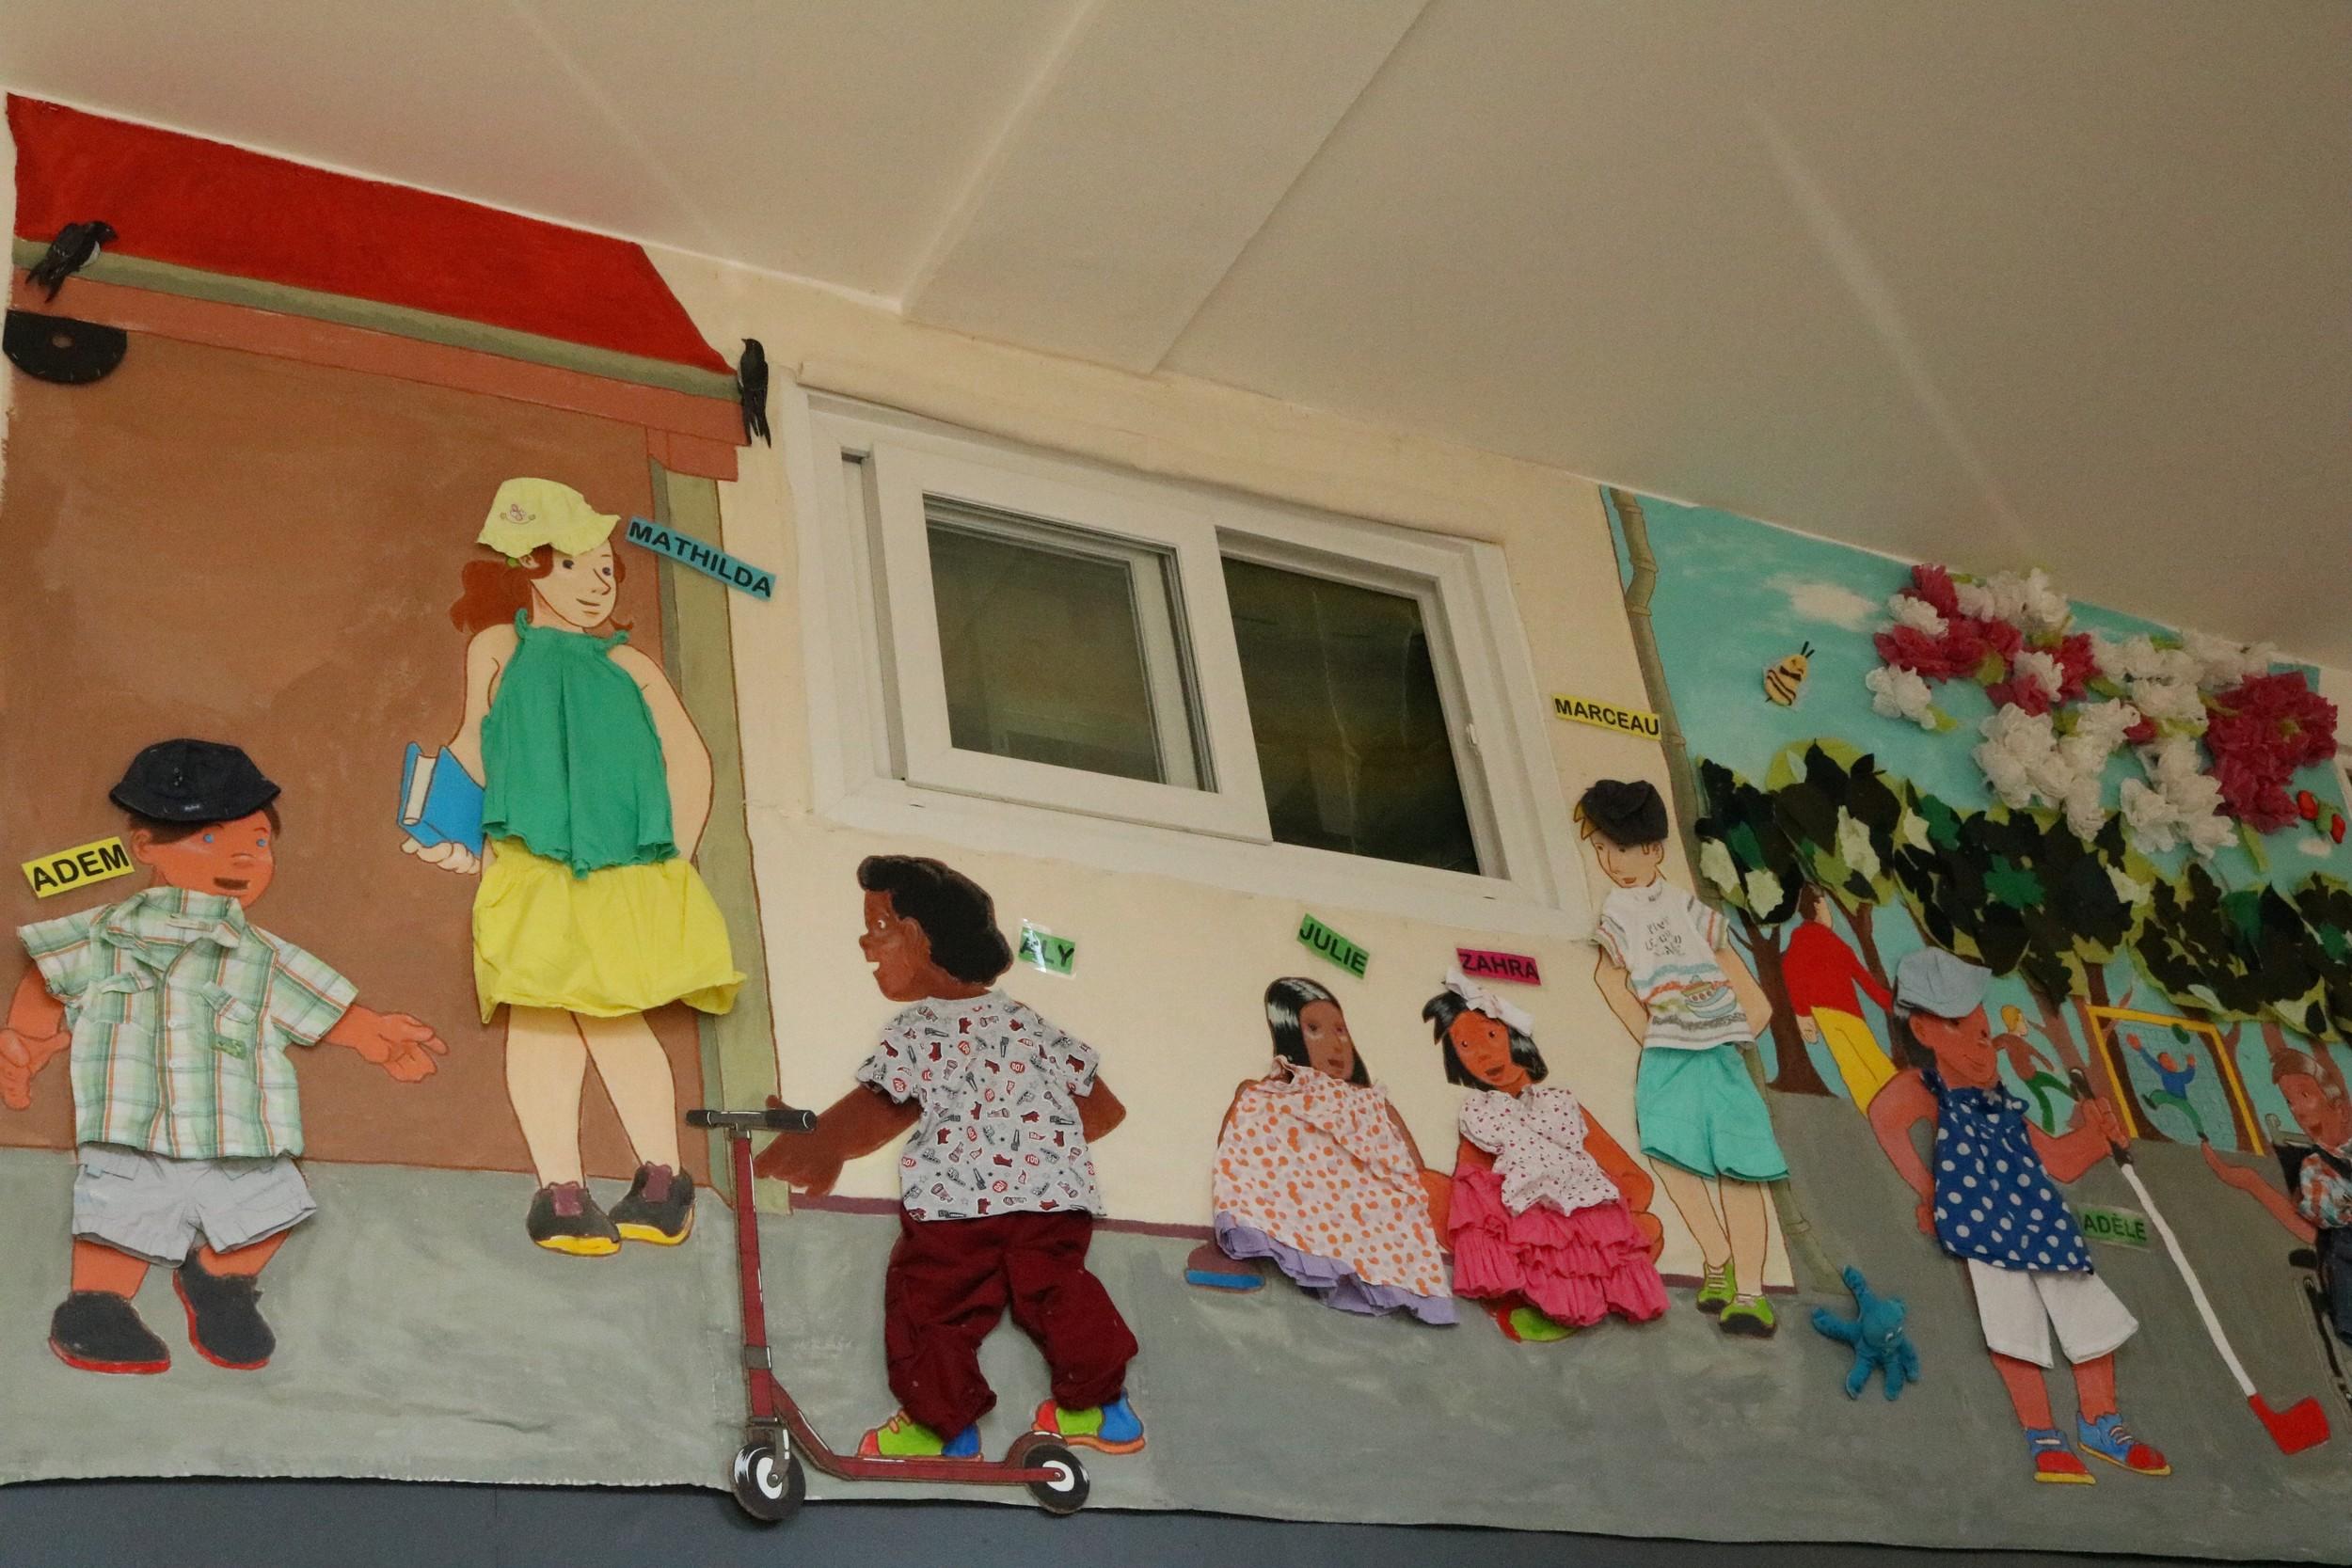 Le 3 juillet 2019, La fresque des enfants de l'IME La Passerelle et du Centre Gauguin a été inaugurée dans les locaux de l'association Agir La Rédingote pour sa métamorphose estivale